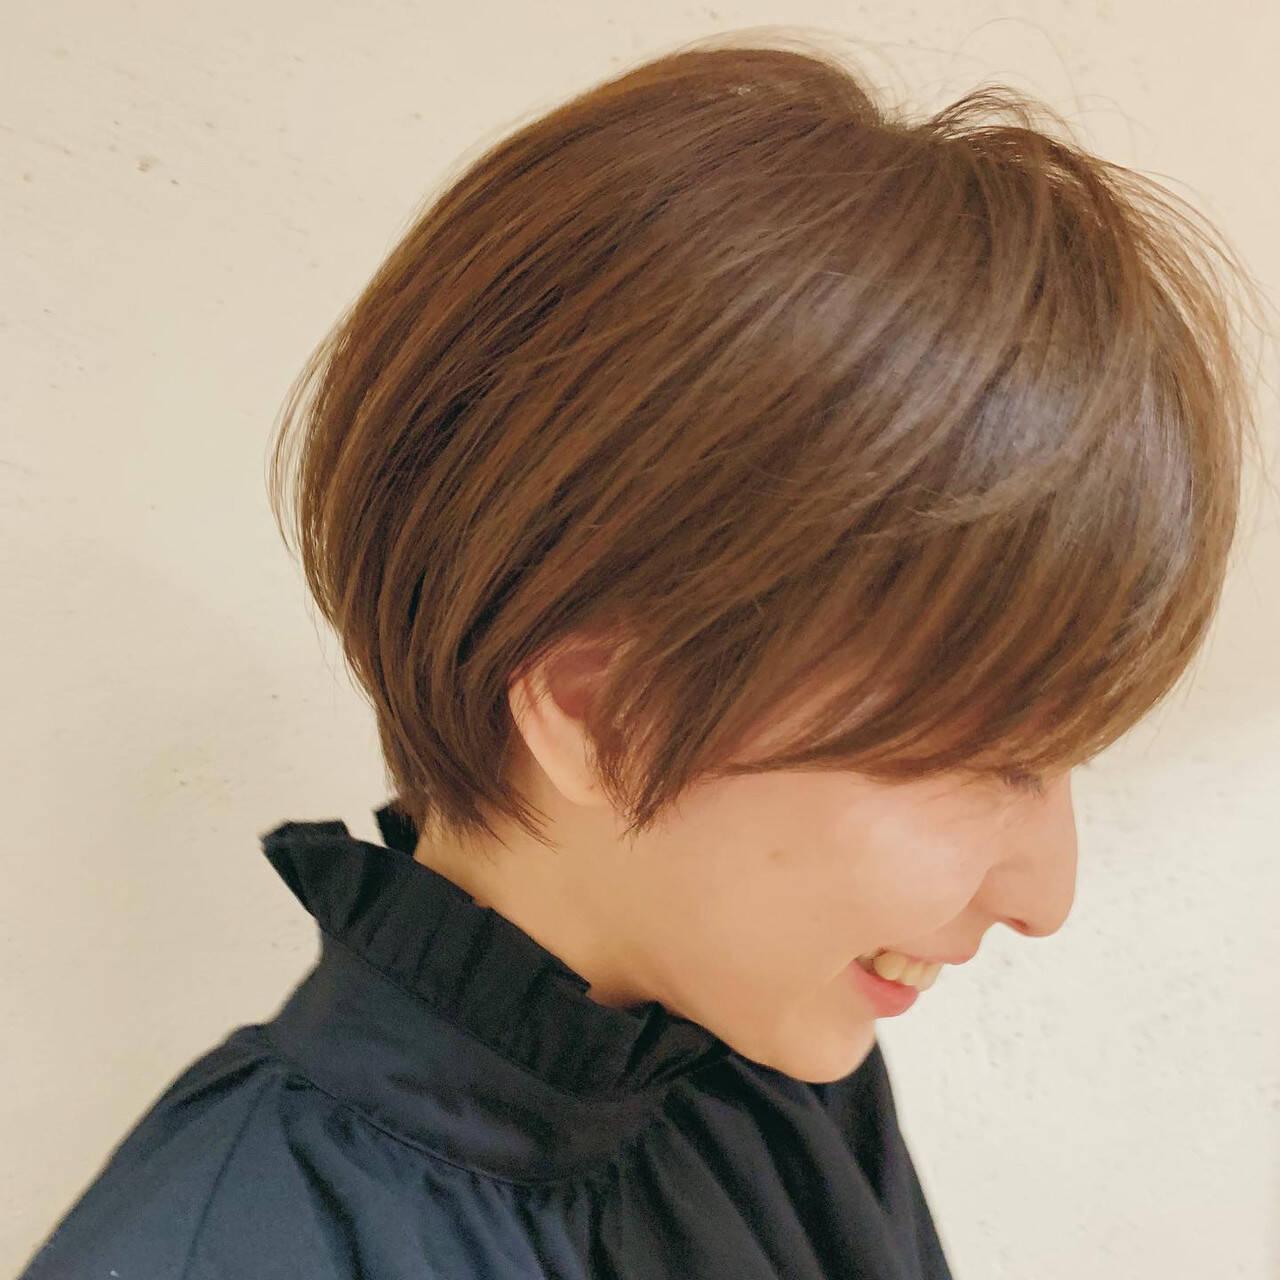 ベリーショート ミニボブ ショートヘア 切りっぱなしボブヘアスタイルや髪型の写真・画像